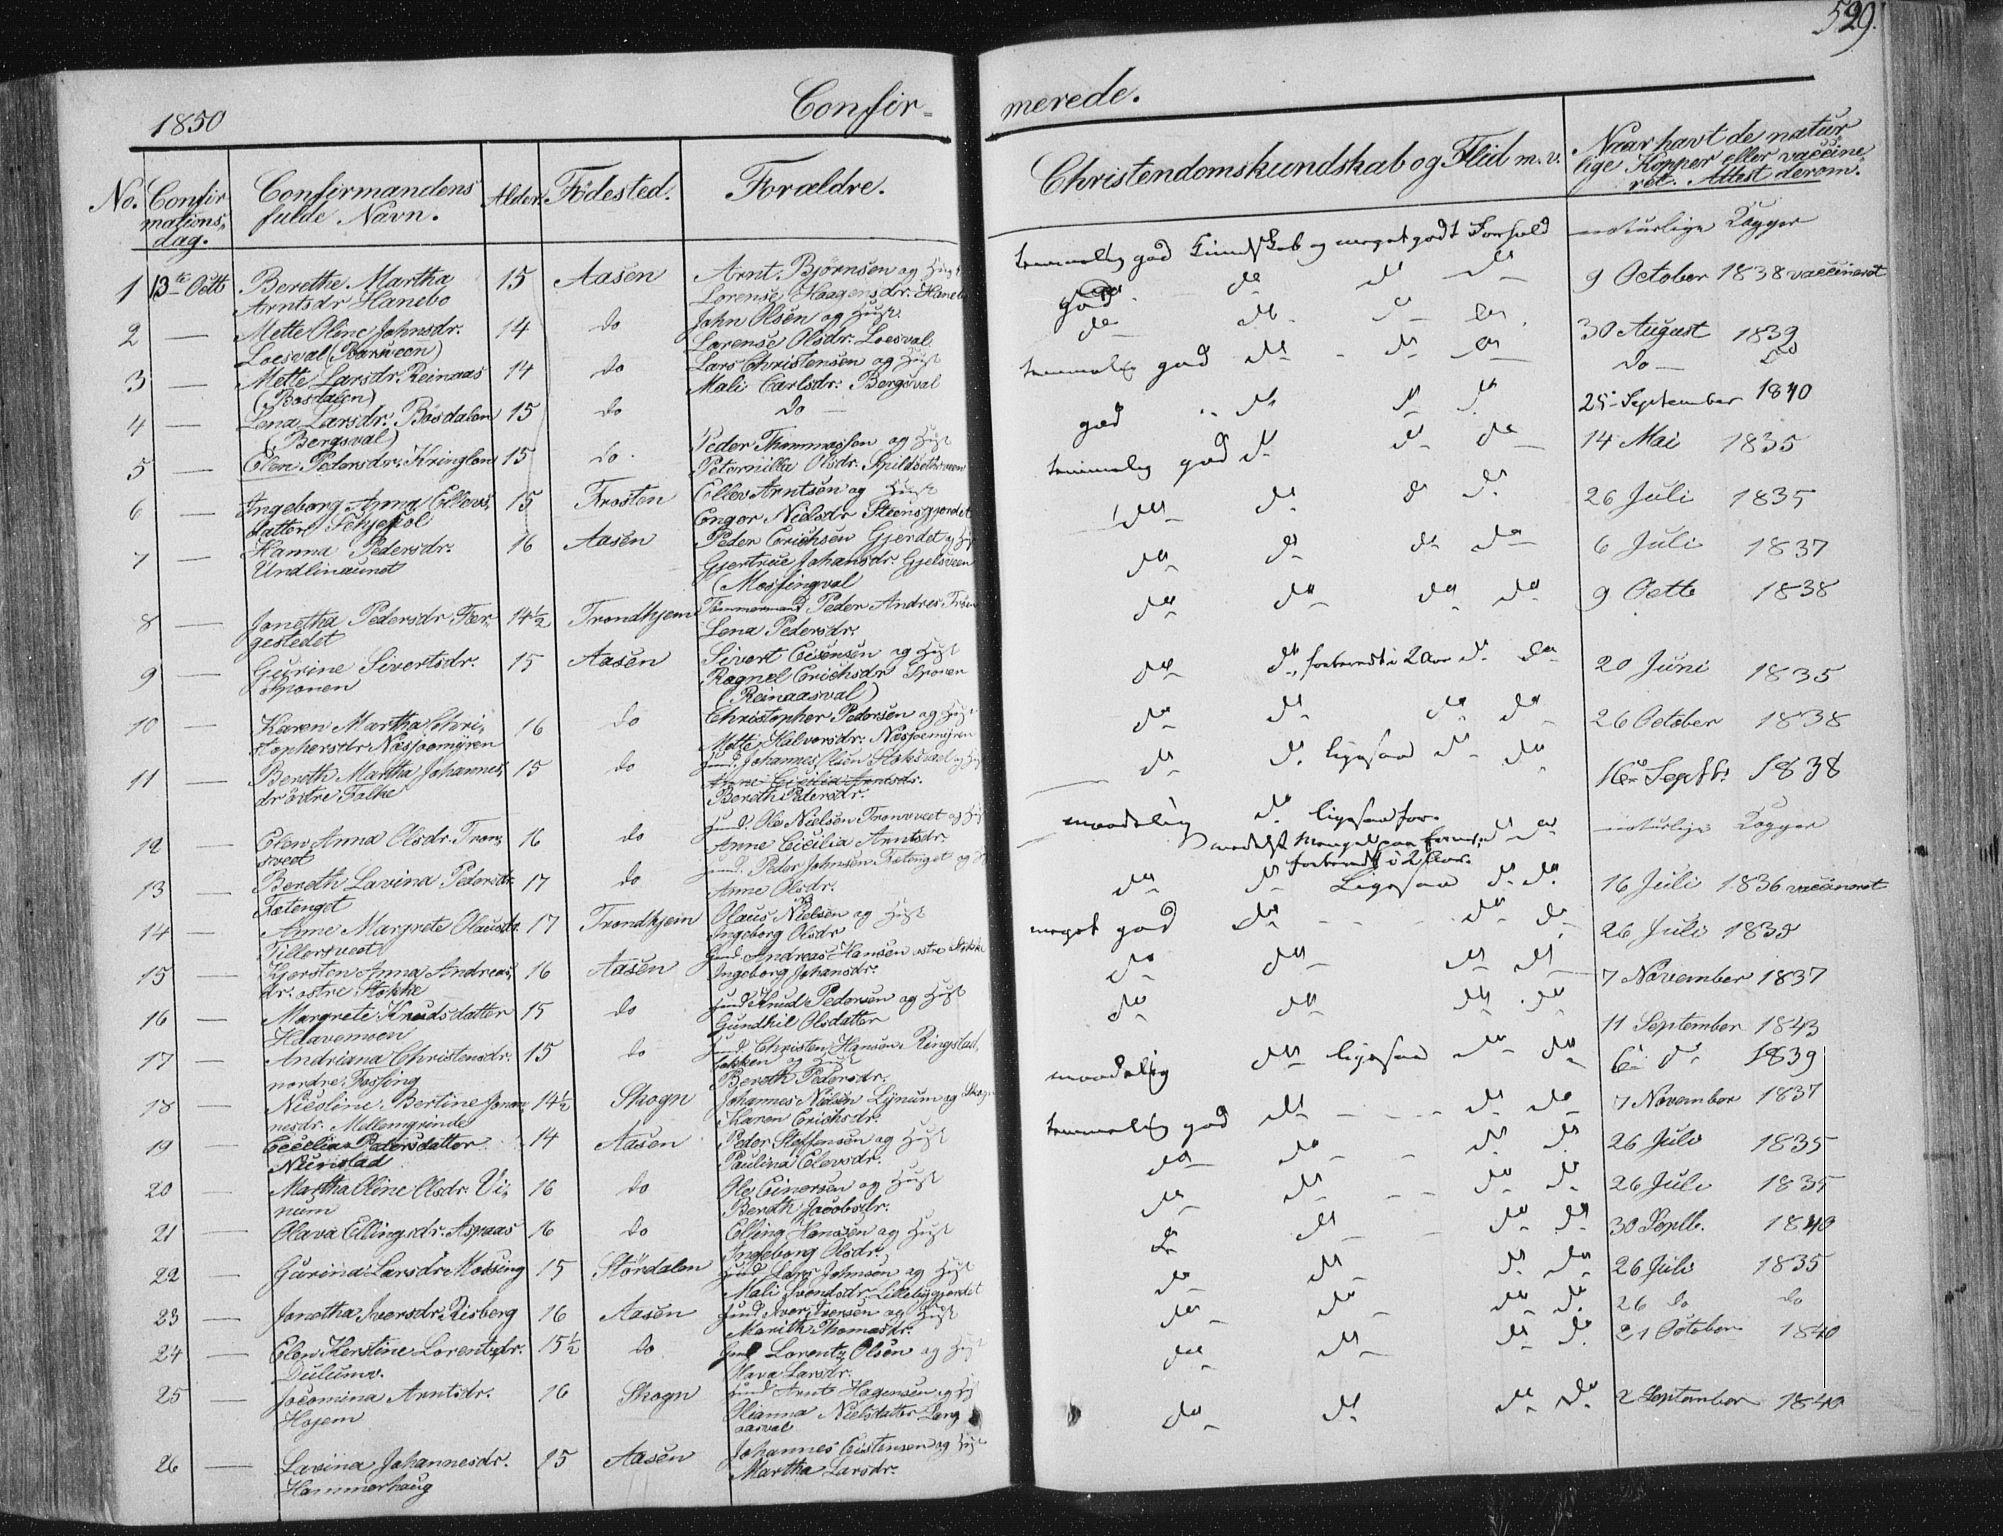 SAT, Ministerialprotokoller, klokkerbøker og fødselsregistre - Nord-Trøndelag, 713/L0115: Ministerialbok nr. 713A06, 1838-1851, s. 529